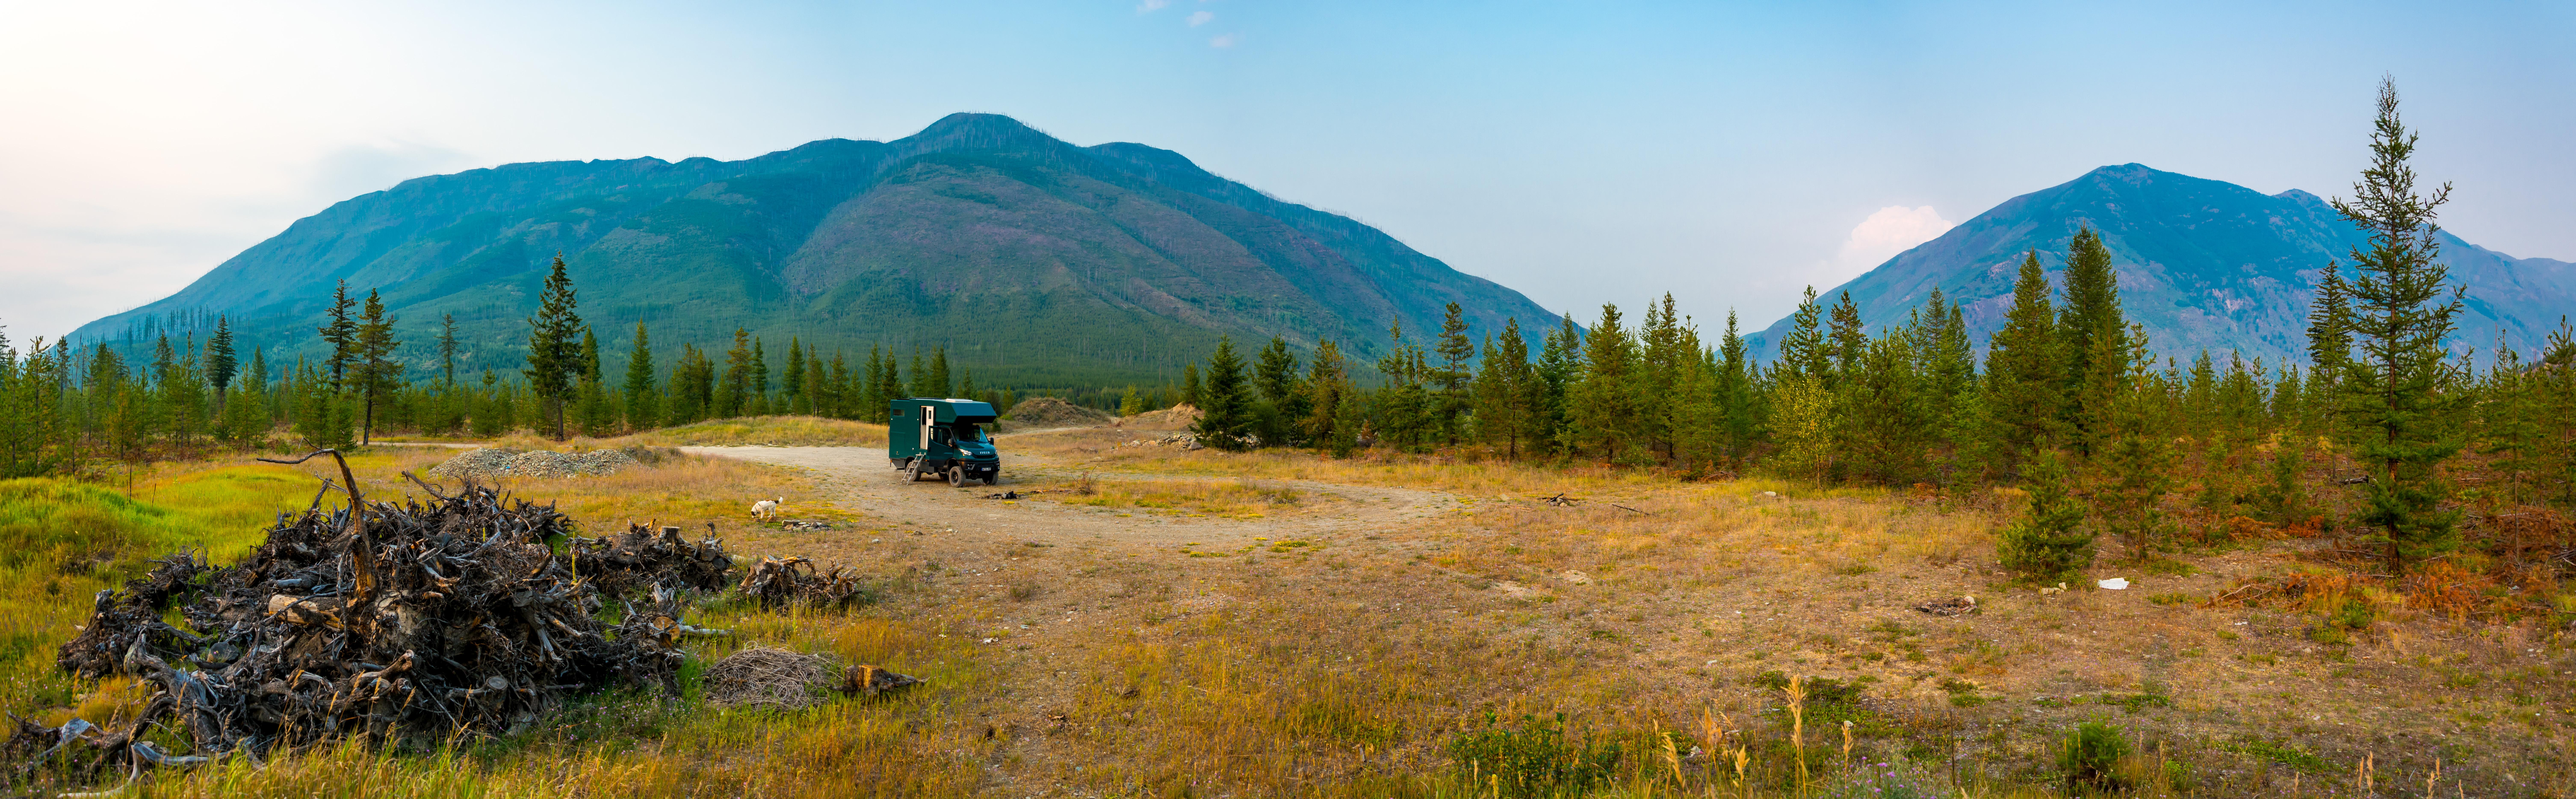 bernachtungsplatz-FR-316-at-Big-Creek-Flathead-National-Forest-Montana Übernachtungsplatz